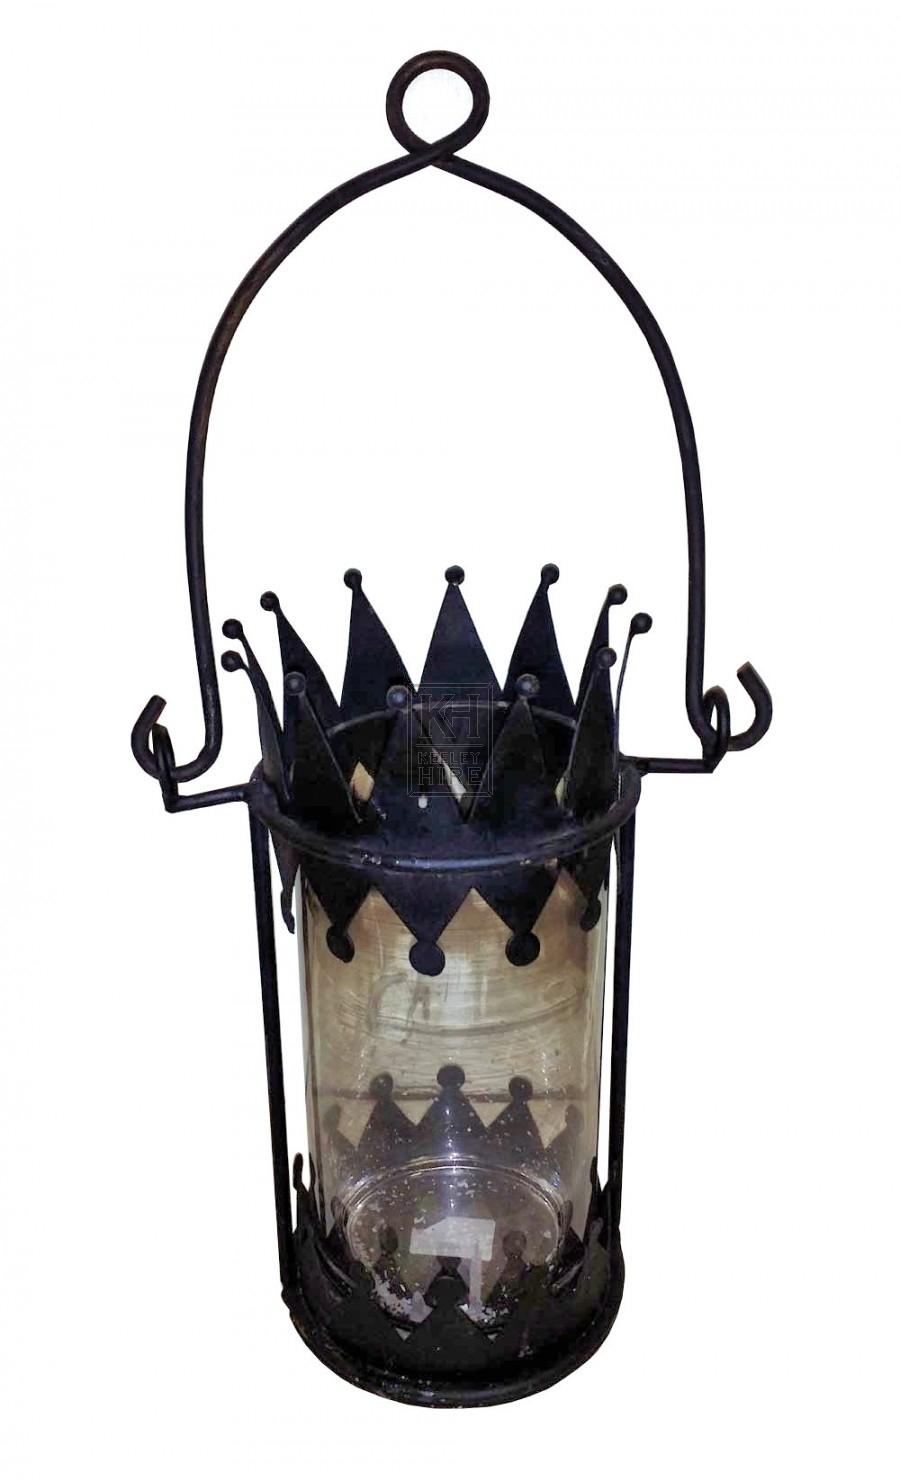 Crown shaped lantern